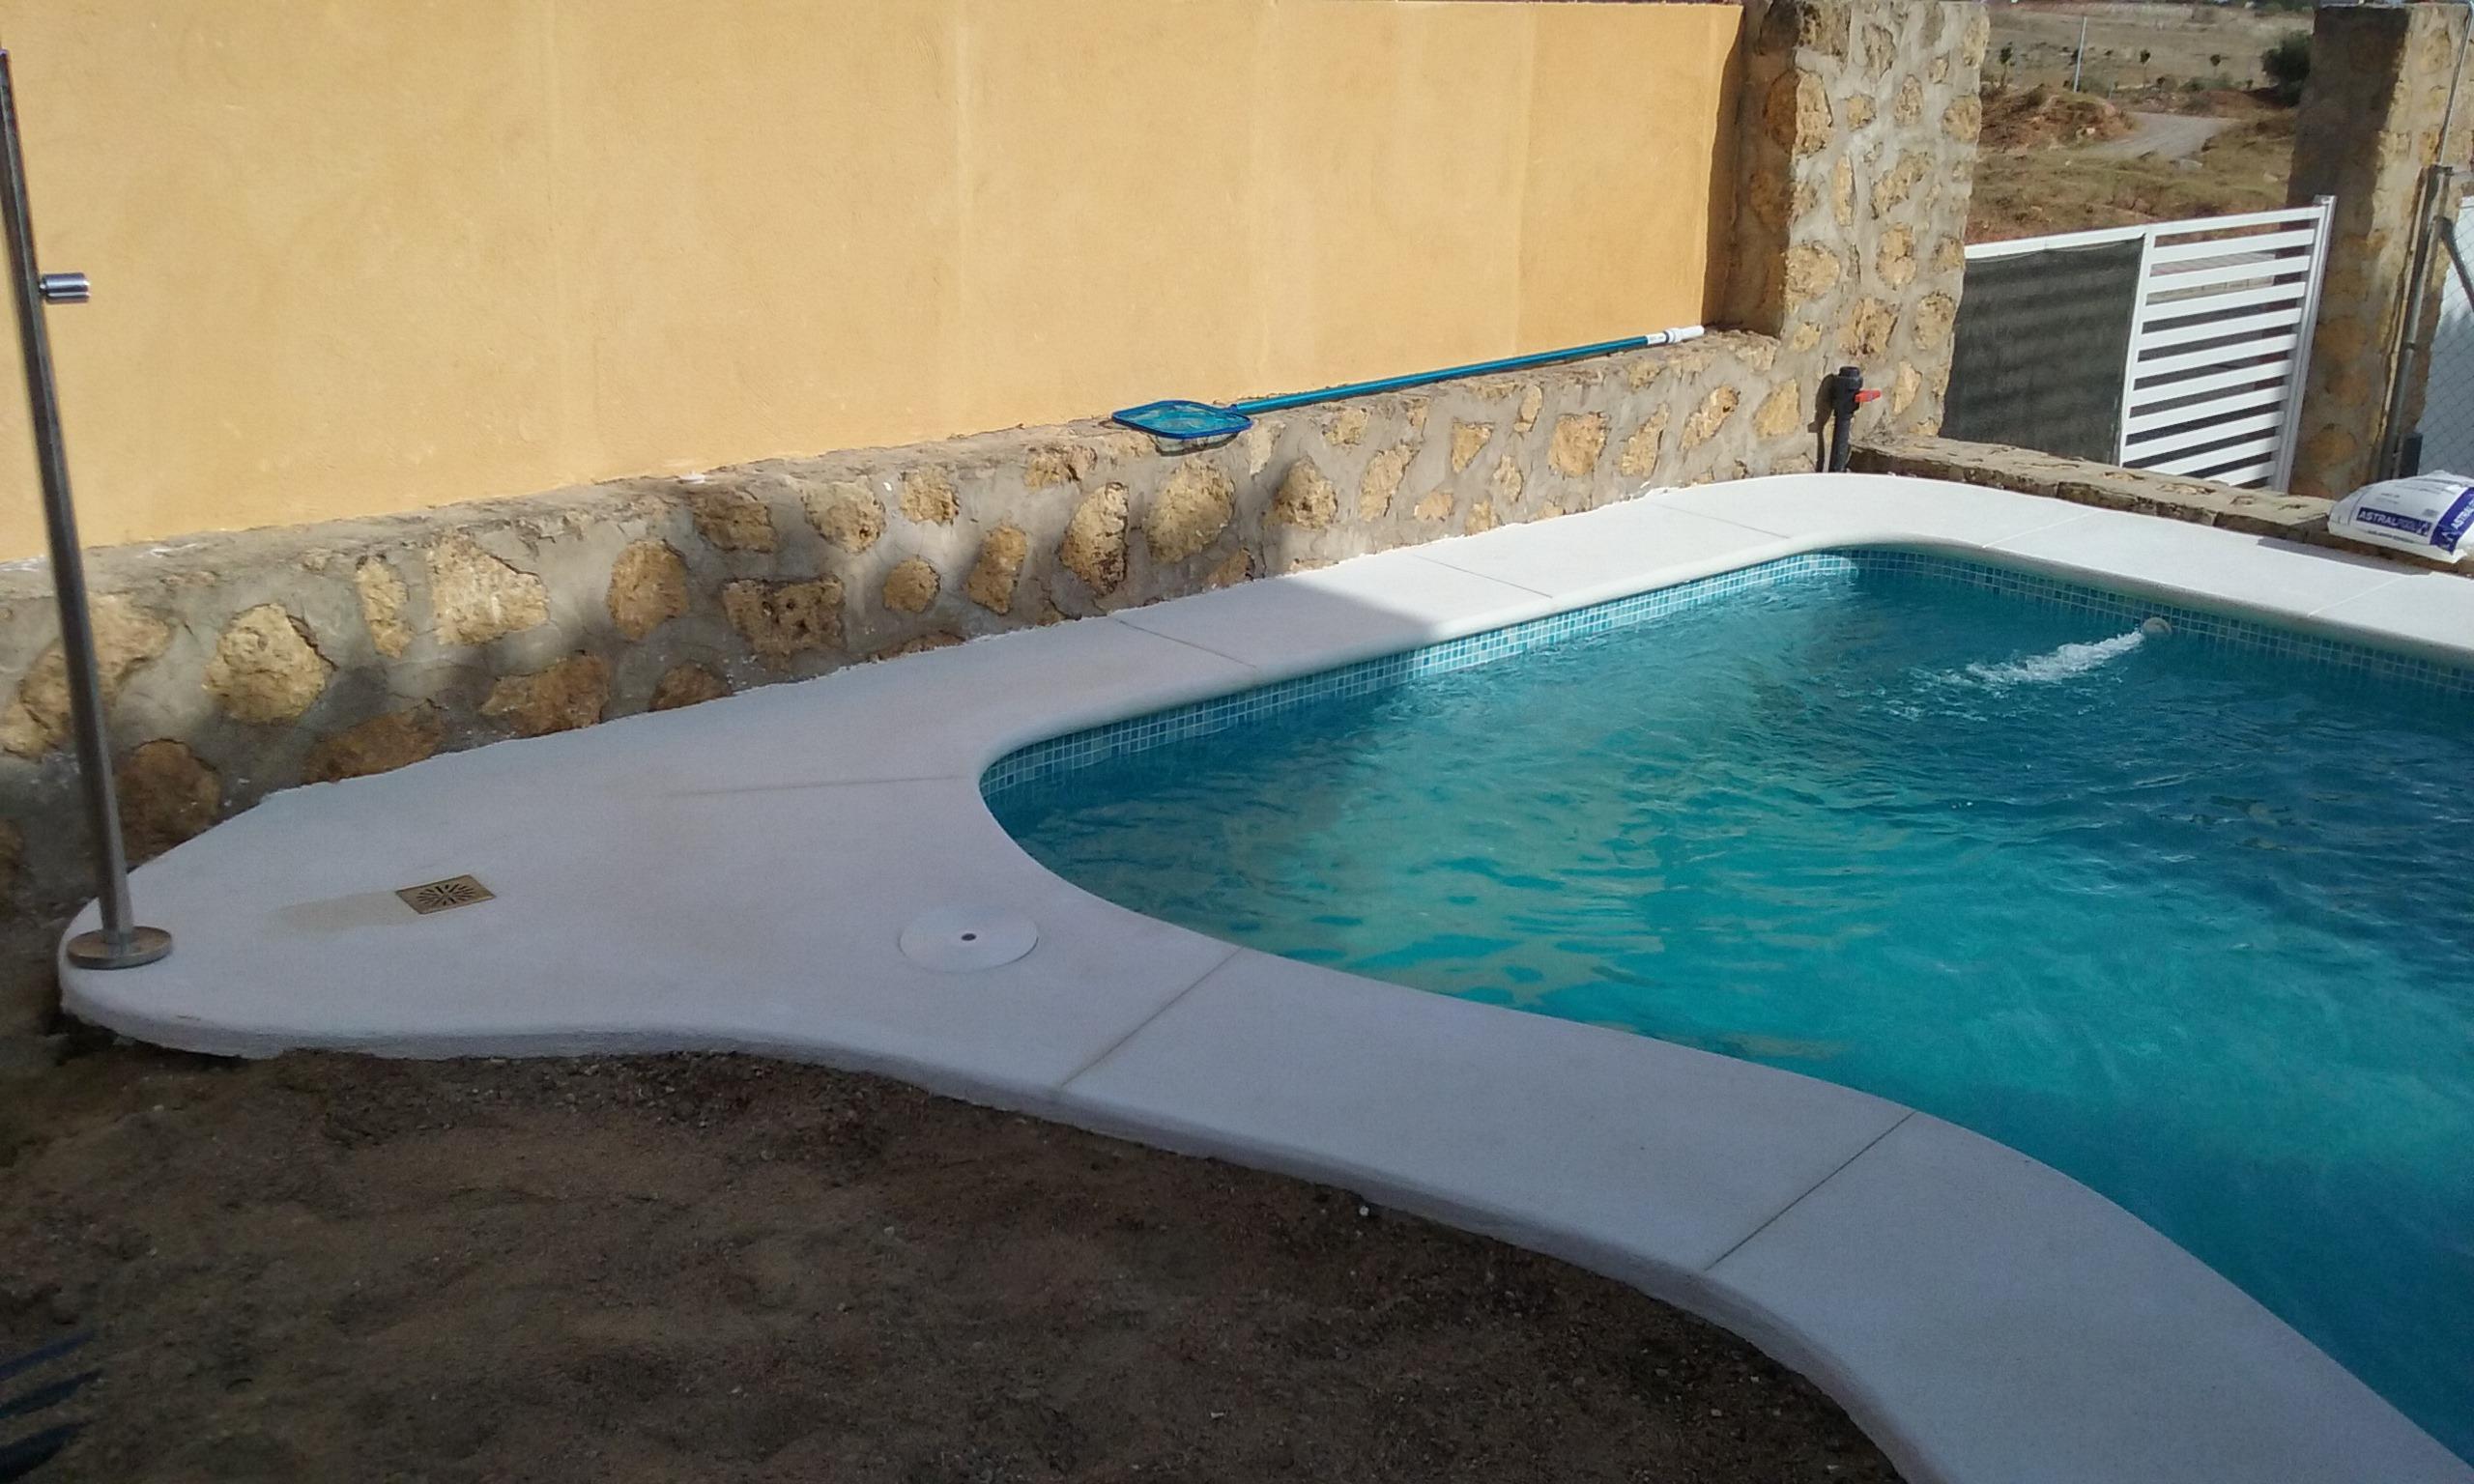 Fotos varias 069 construcci n de piscinas - Barrefondos para piscinas ...